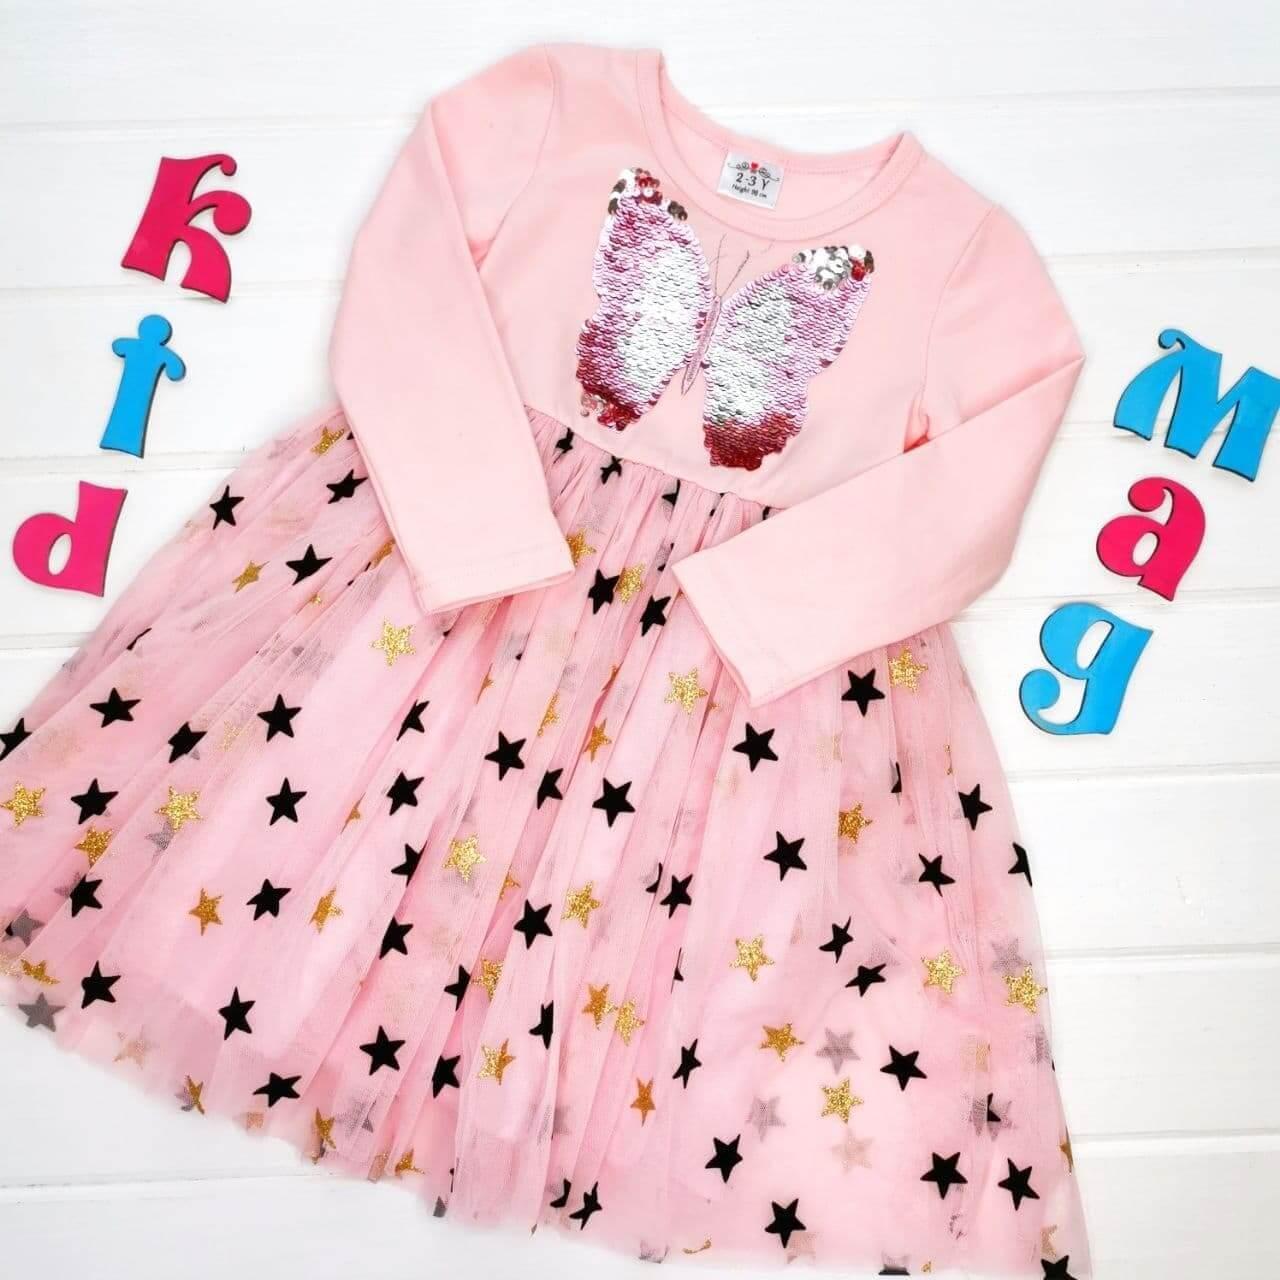 """Нарядное платье с фатиновой юбкой """"Звездная бабочка"""" на 3-6 лет"""